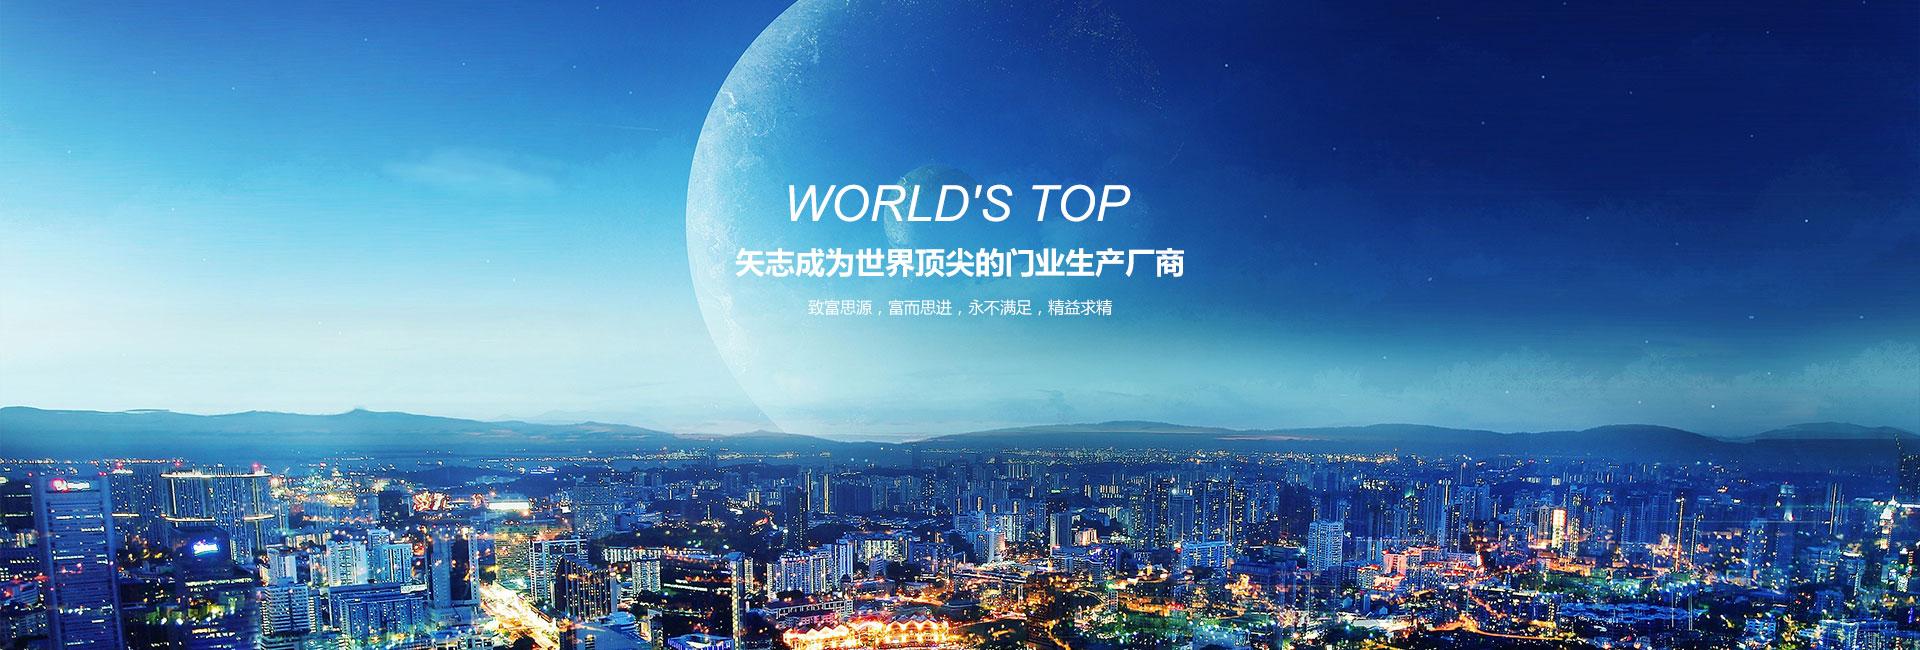 矢志成為世界頂尖的門業生產廠商